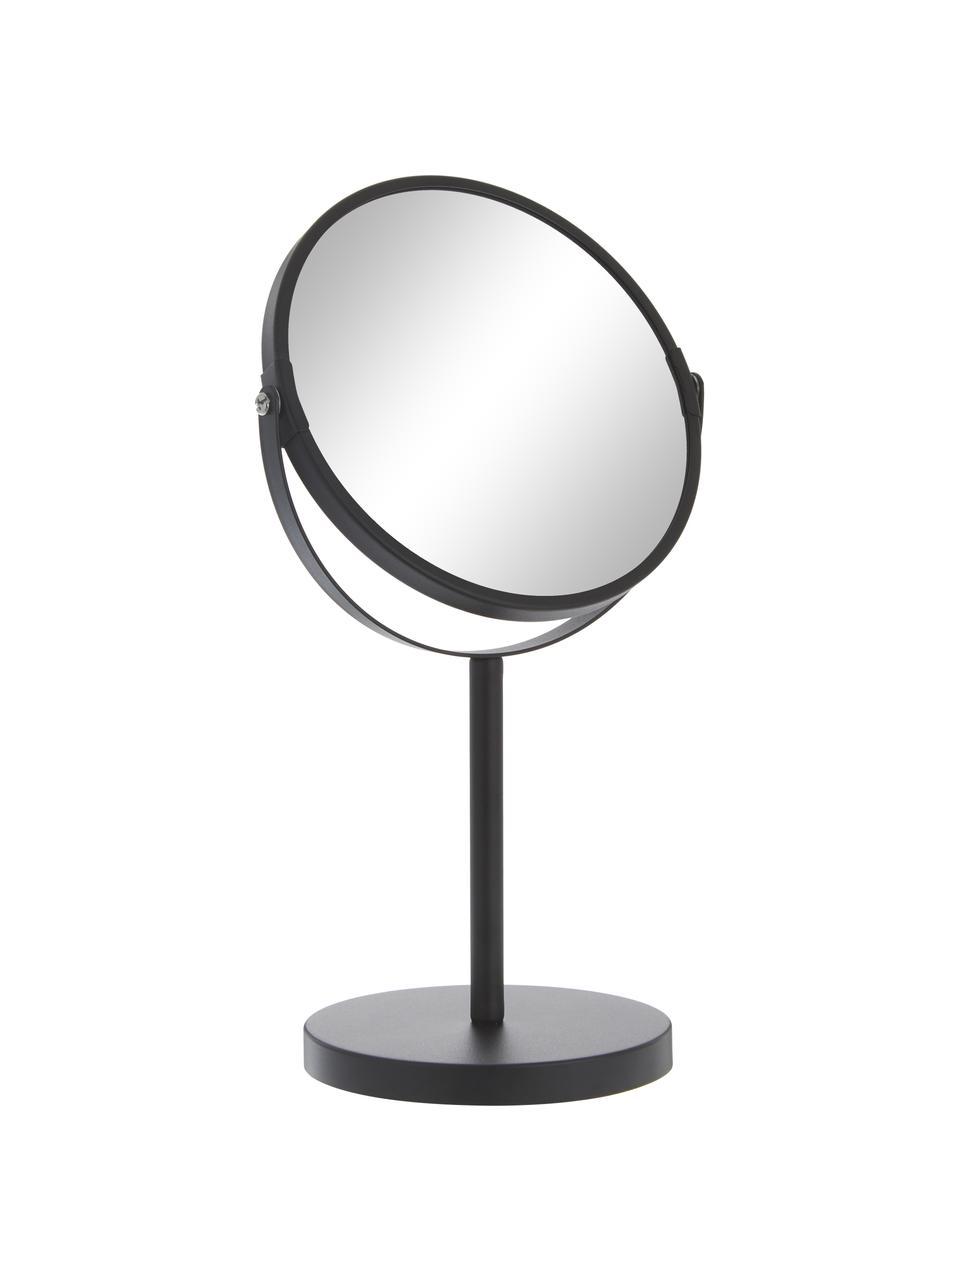 Runder Kosmetikspiegel Classic mit Vergrößerung, Rahmen: Metall, beschichtet, Spiegelfläche: Spiegelglas, Schwarz, Ø 20 x H 35 cm